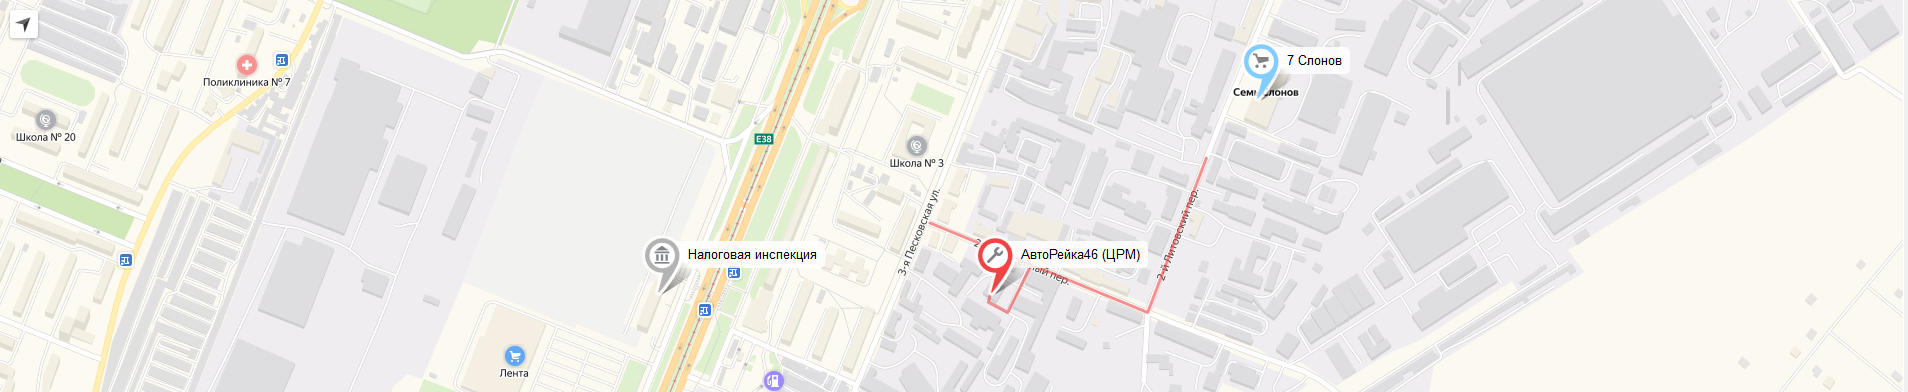 Карта - размещение СТО